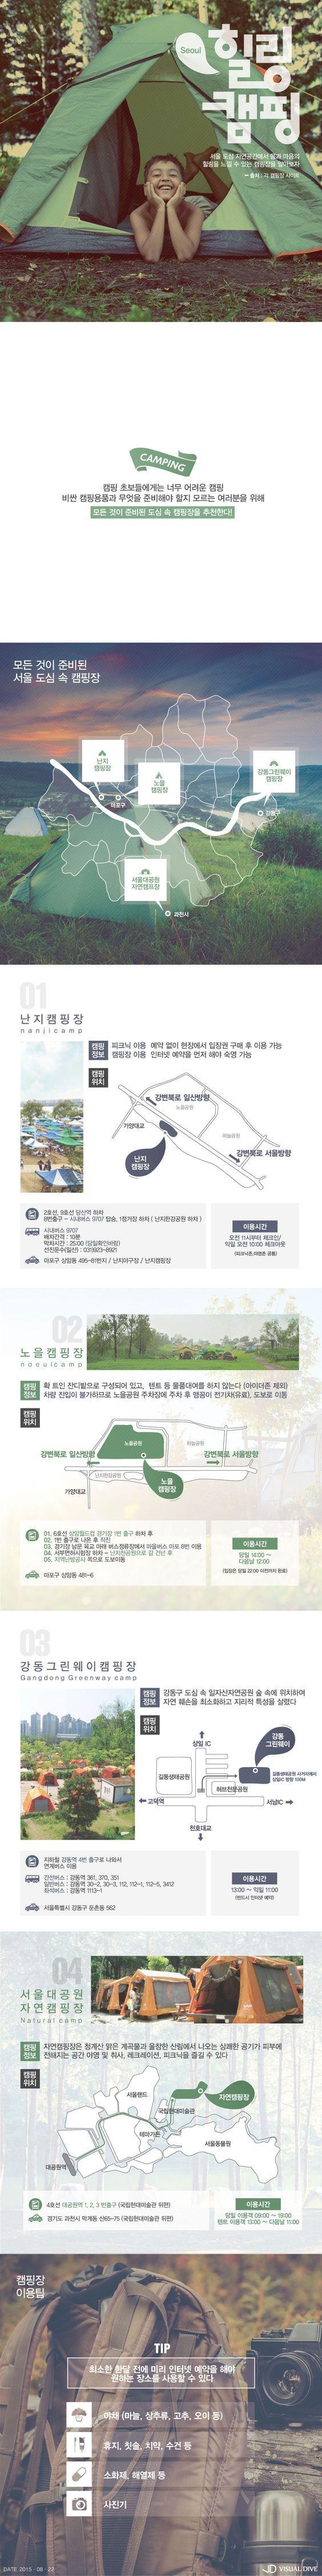 캠핑, 이젠 서울 도심에서 즐기자 [인포그래픽] #Camping / #Infographic ⓒ 비주얼다이브 무단 복사·전재·재배포 금지